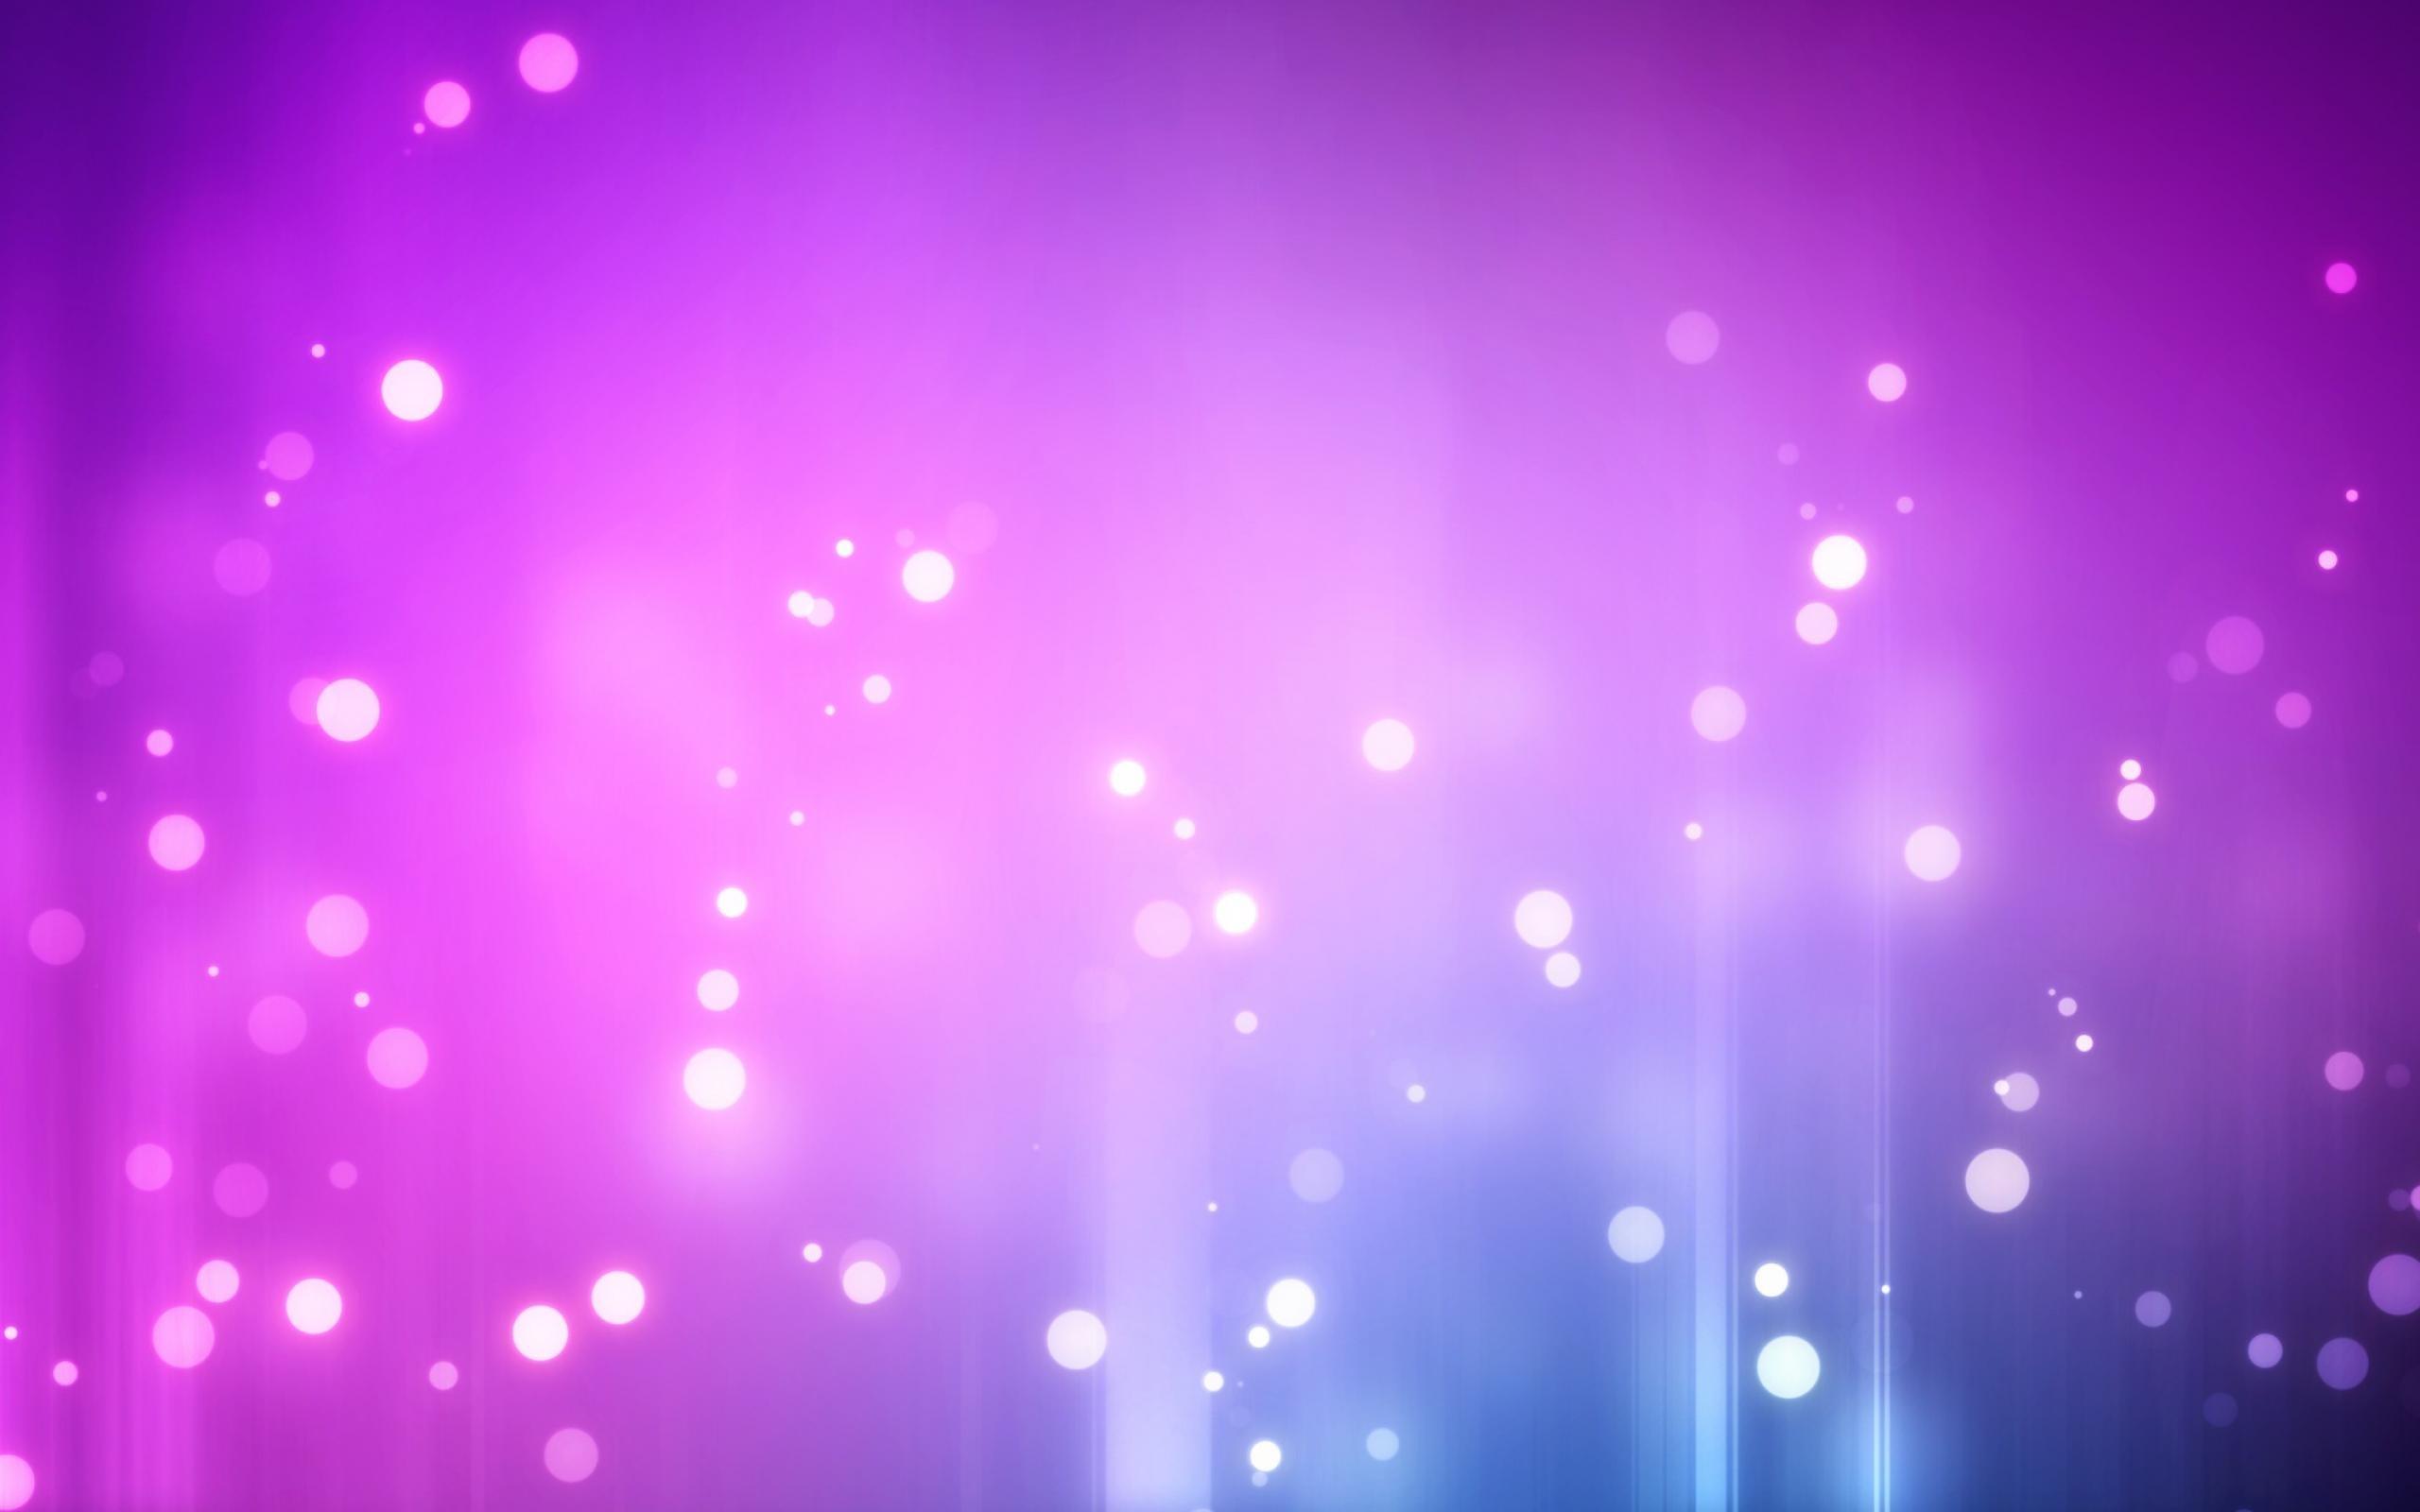 光サークルパープル 抽象的なデザインの壁紙プレビュー 10wallpaper Com